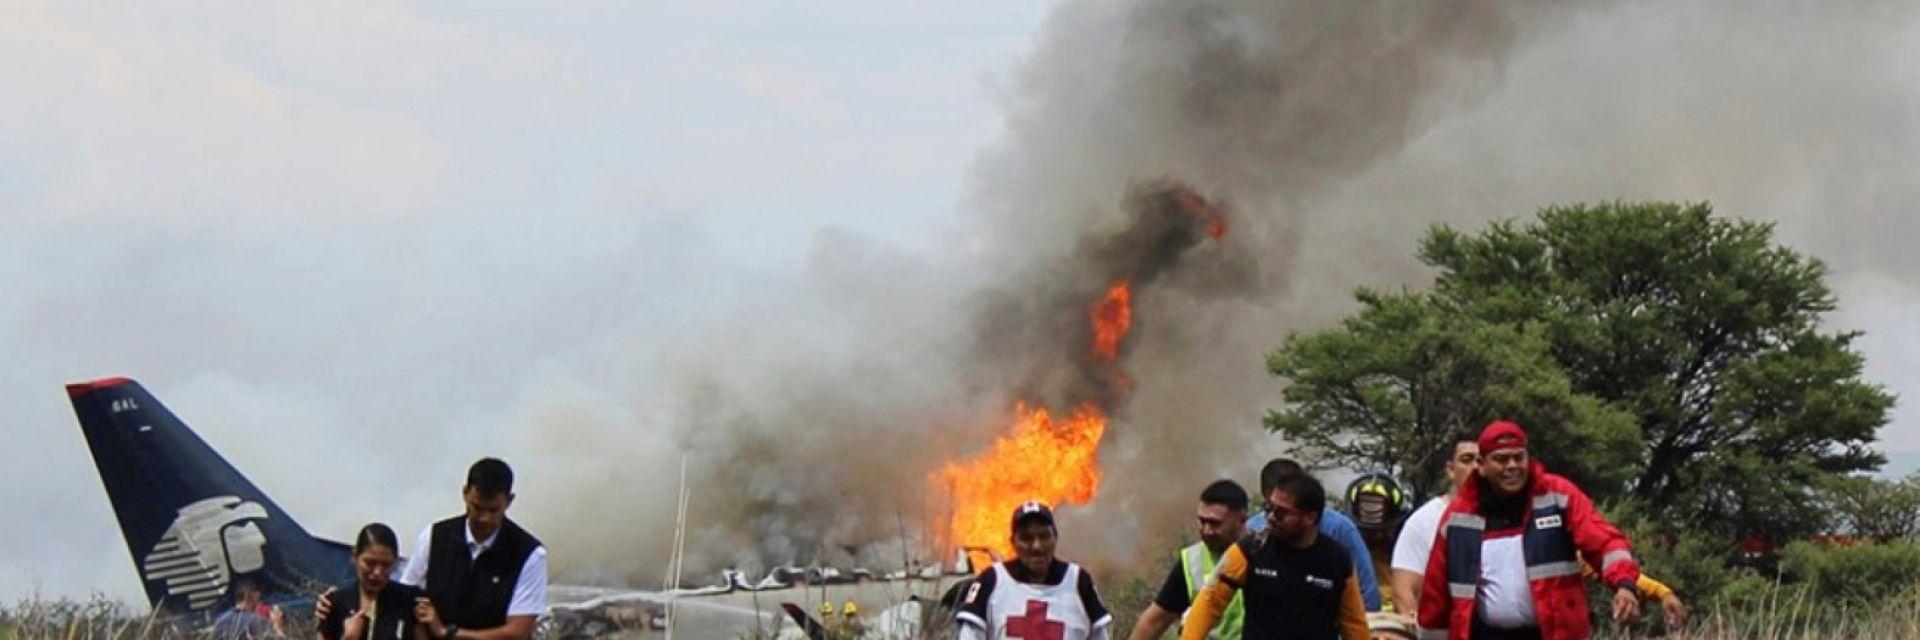 Пътничка в разбилия се самолет в Мексико заснела катастрофата (видео)